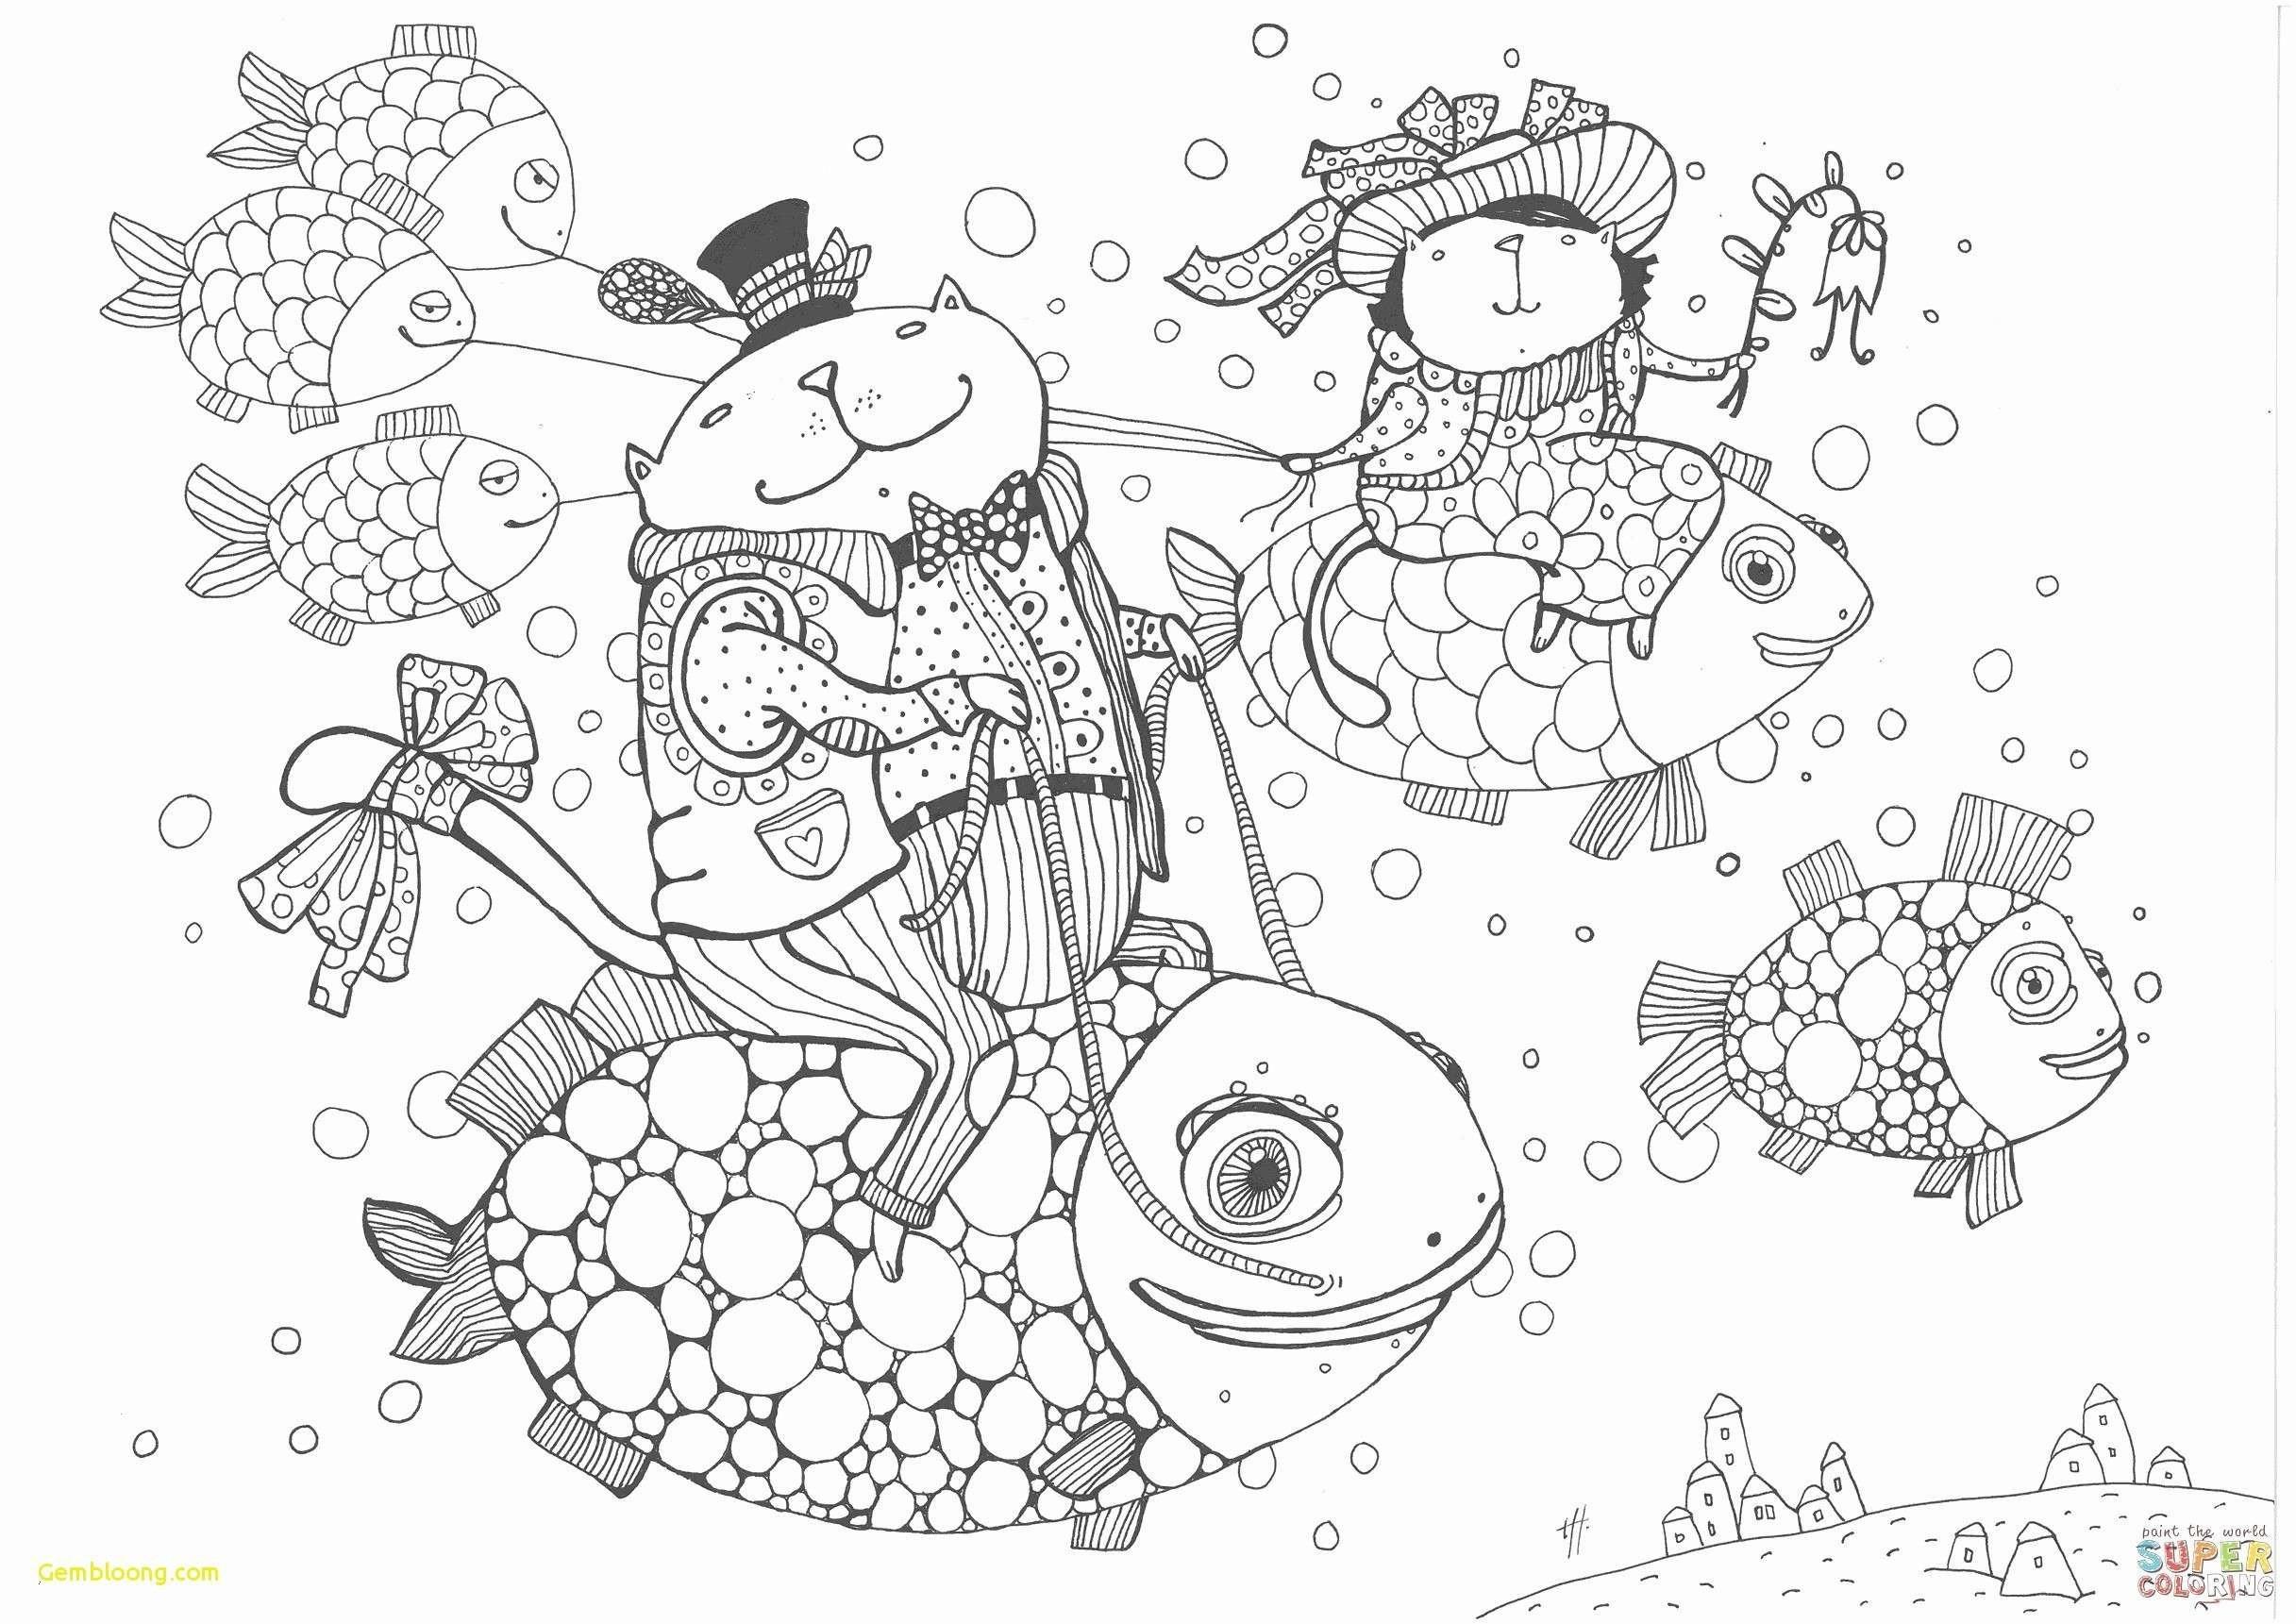 Ohnezahn Bilder Zum Drucken Inspirierend 35 Dragons Ohnezahn Ausmalbilder Scoredatscore Best Malvorlagen Das Bild